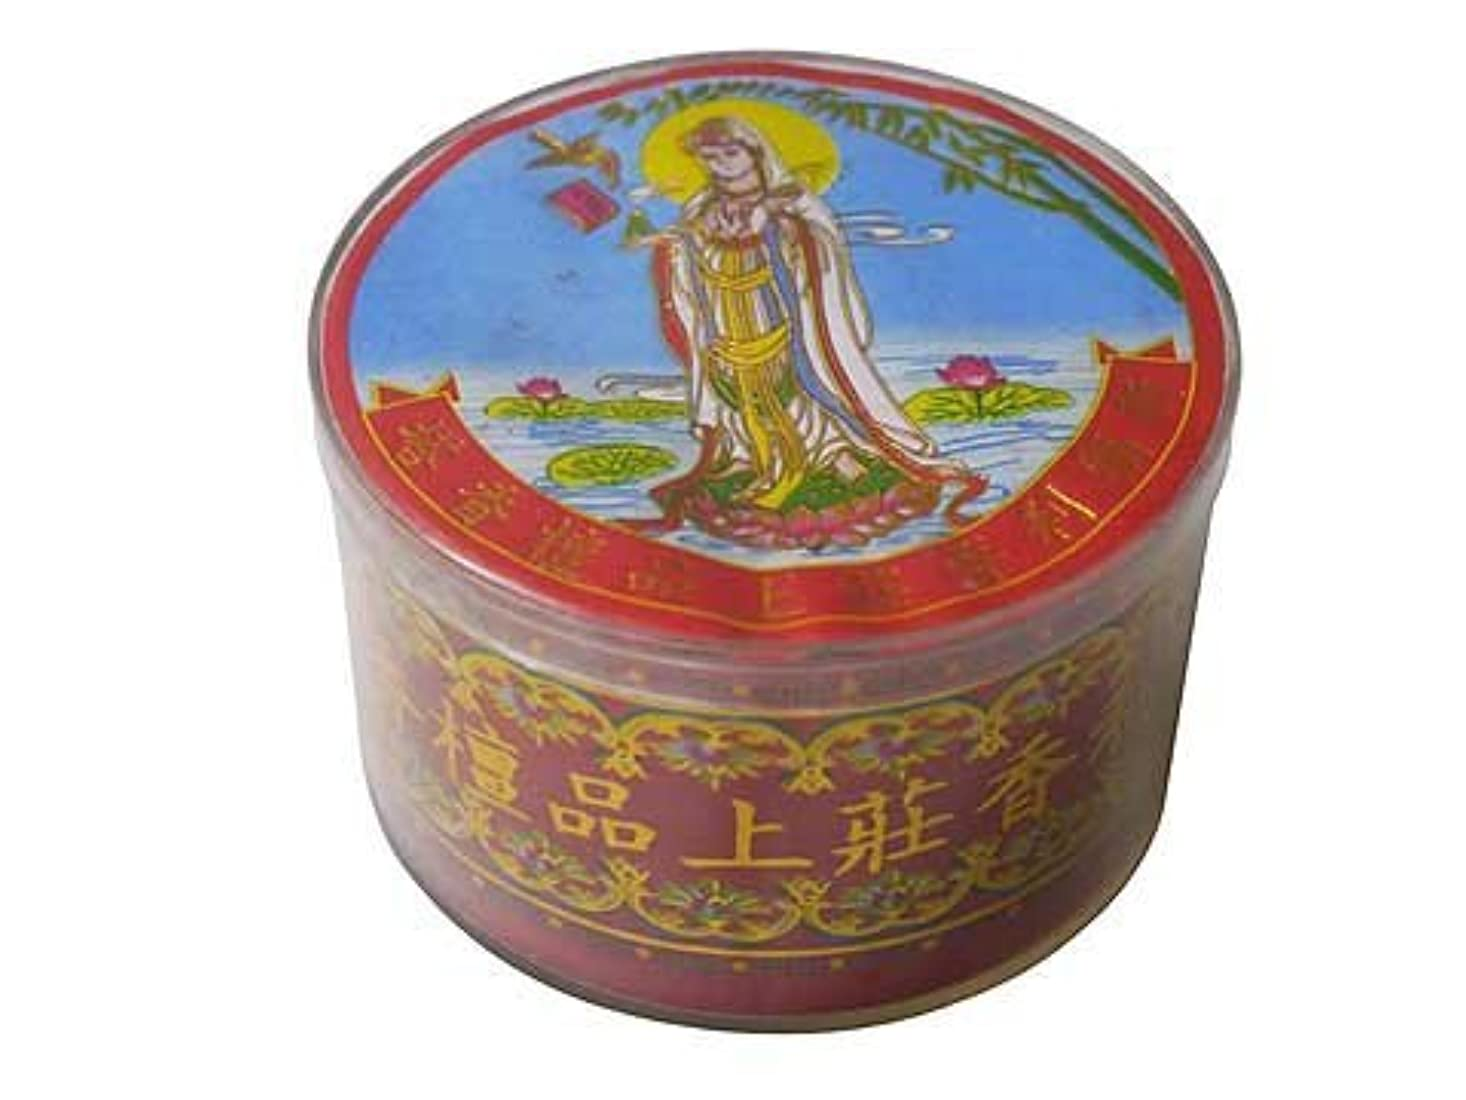 検体官僚高揚したVietnam Incense ベトナムのお香【観音様ラベル渦巻き檀香】